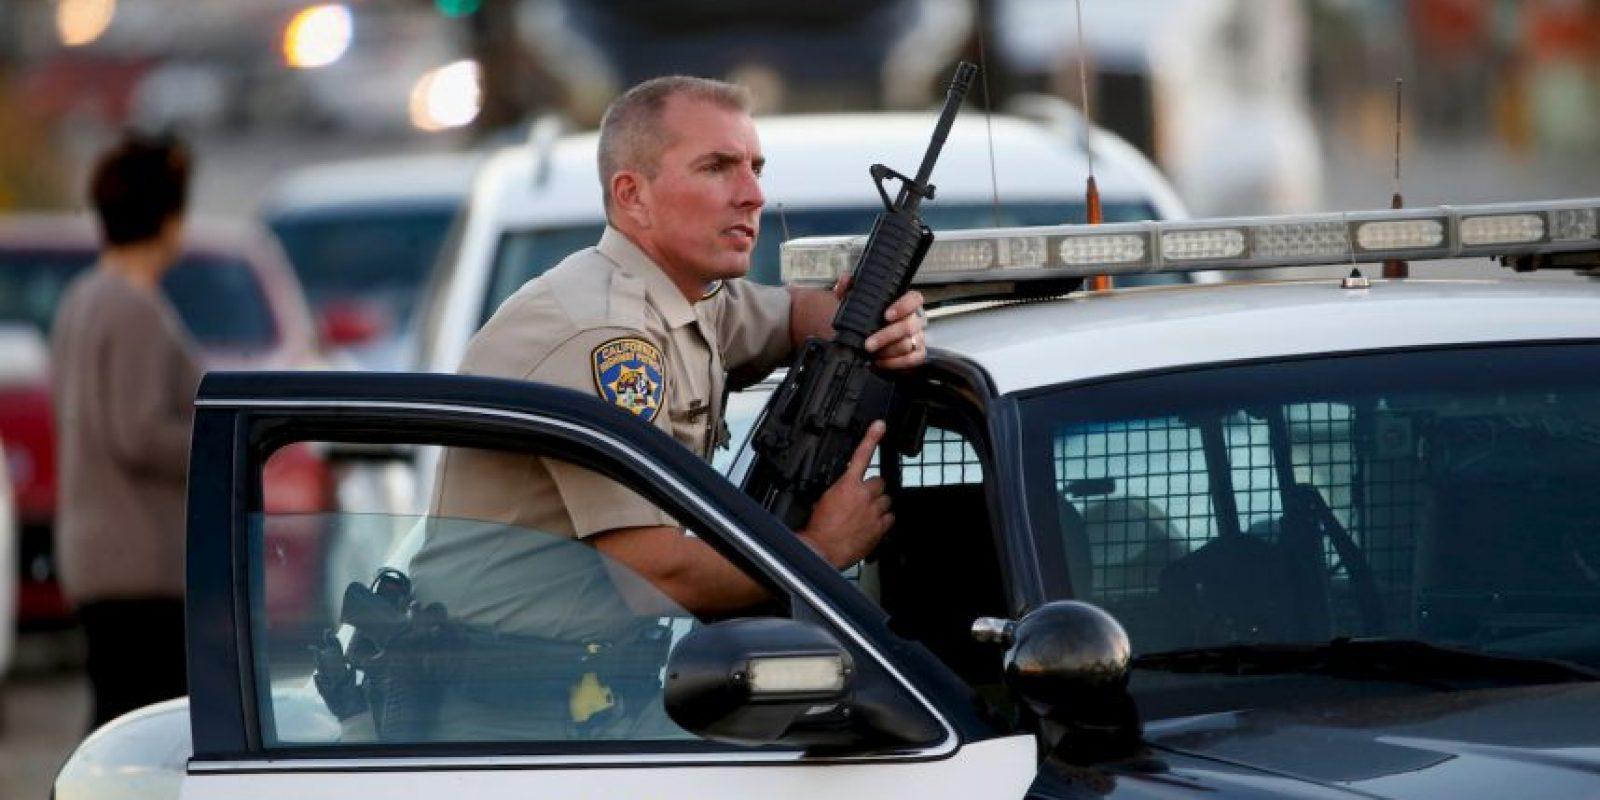 El presidente insistió en la necesidad de legislación para regular el acceso a armas. Foto:Getty Images